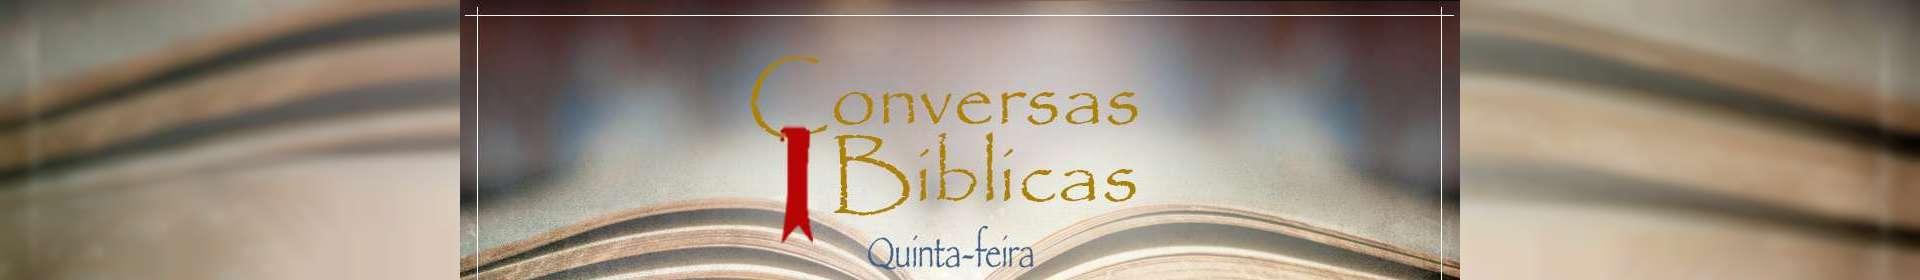 Conversas Bíblicas: Arrebatamento - Parte 1